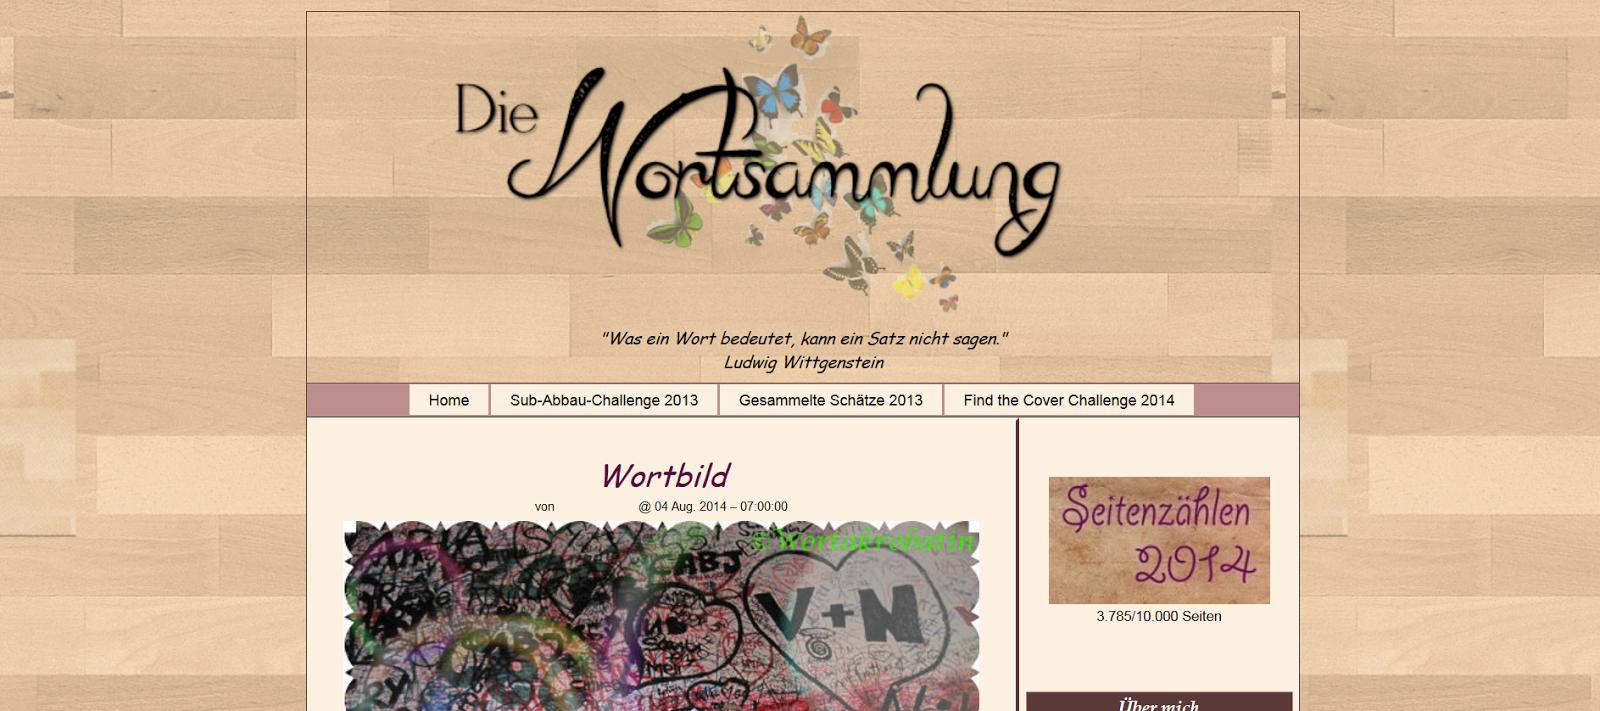 http://wortsammlung.blog.de/